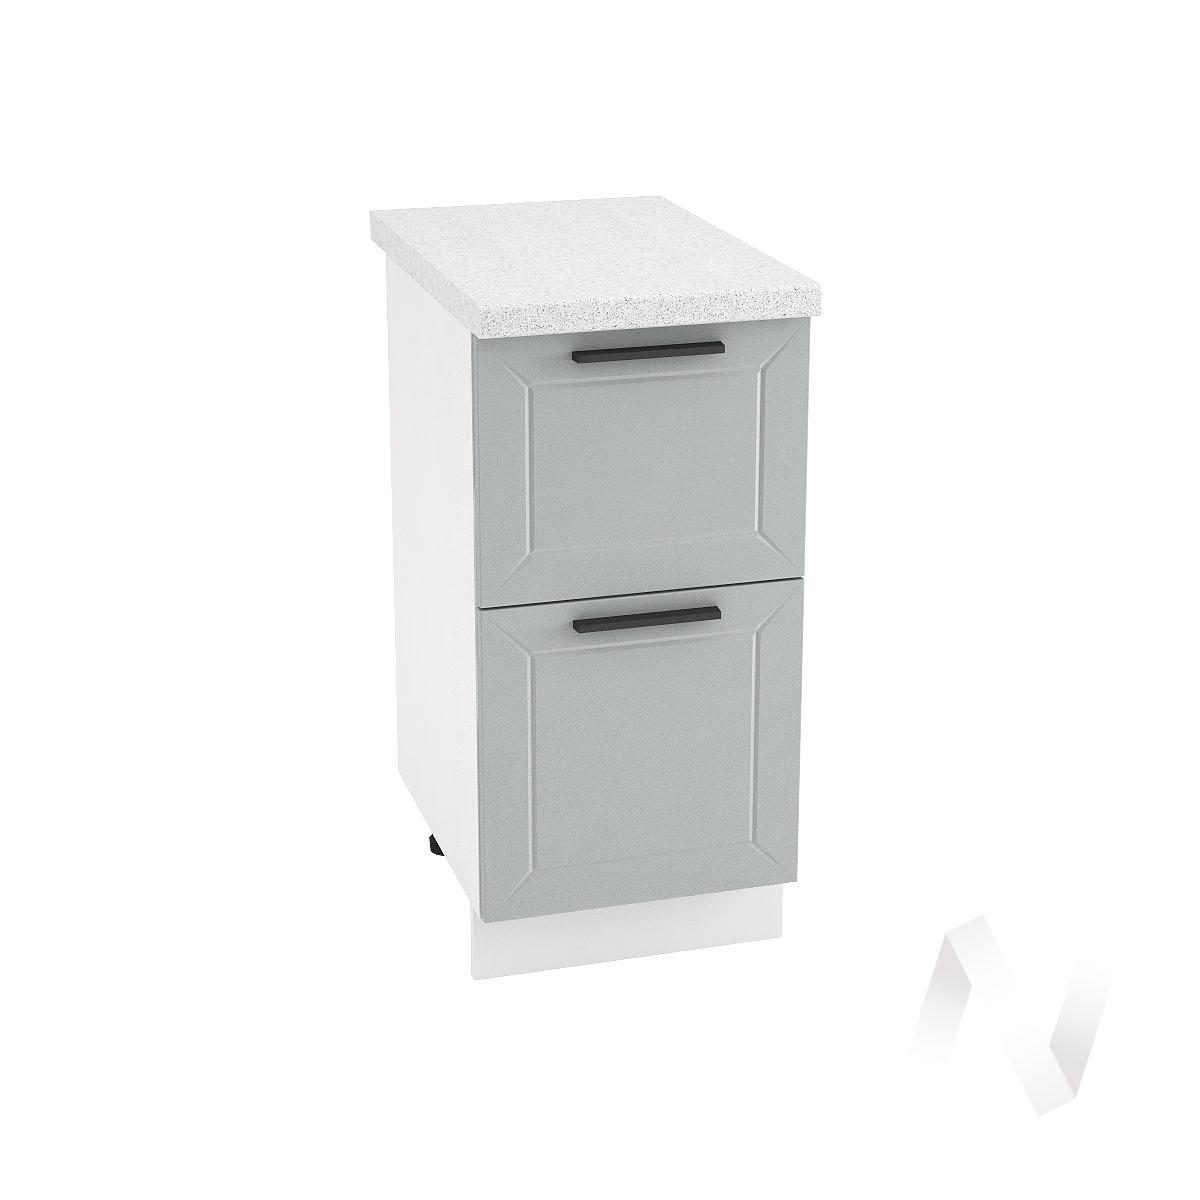 """Кухня """"Глетчер"""": Шкаф нижний с 2-мя ящиками 400, ШН2Я 400 (Гейнсборо Силк/корпус белый)"""